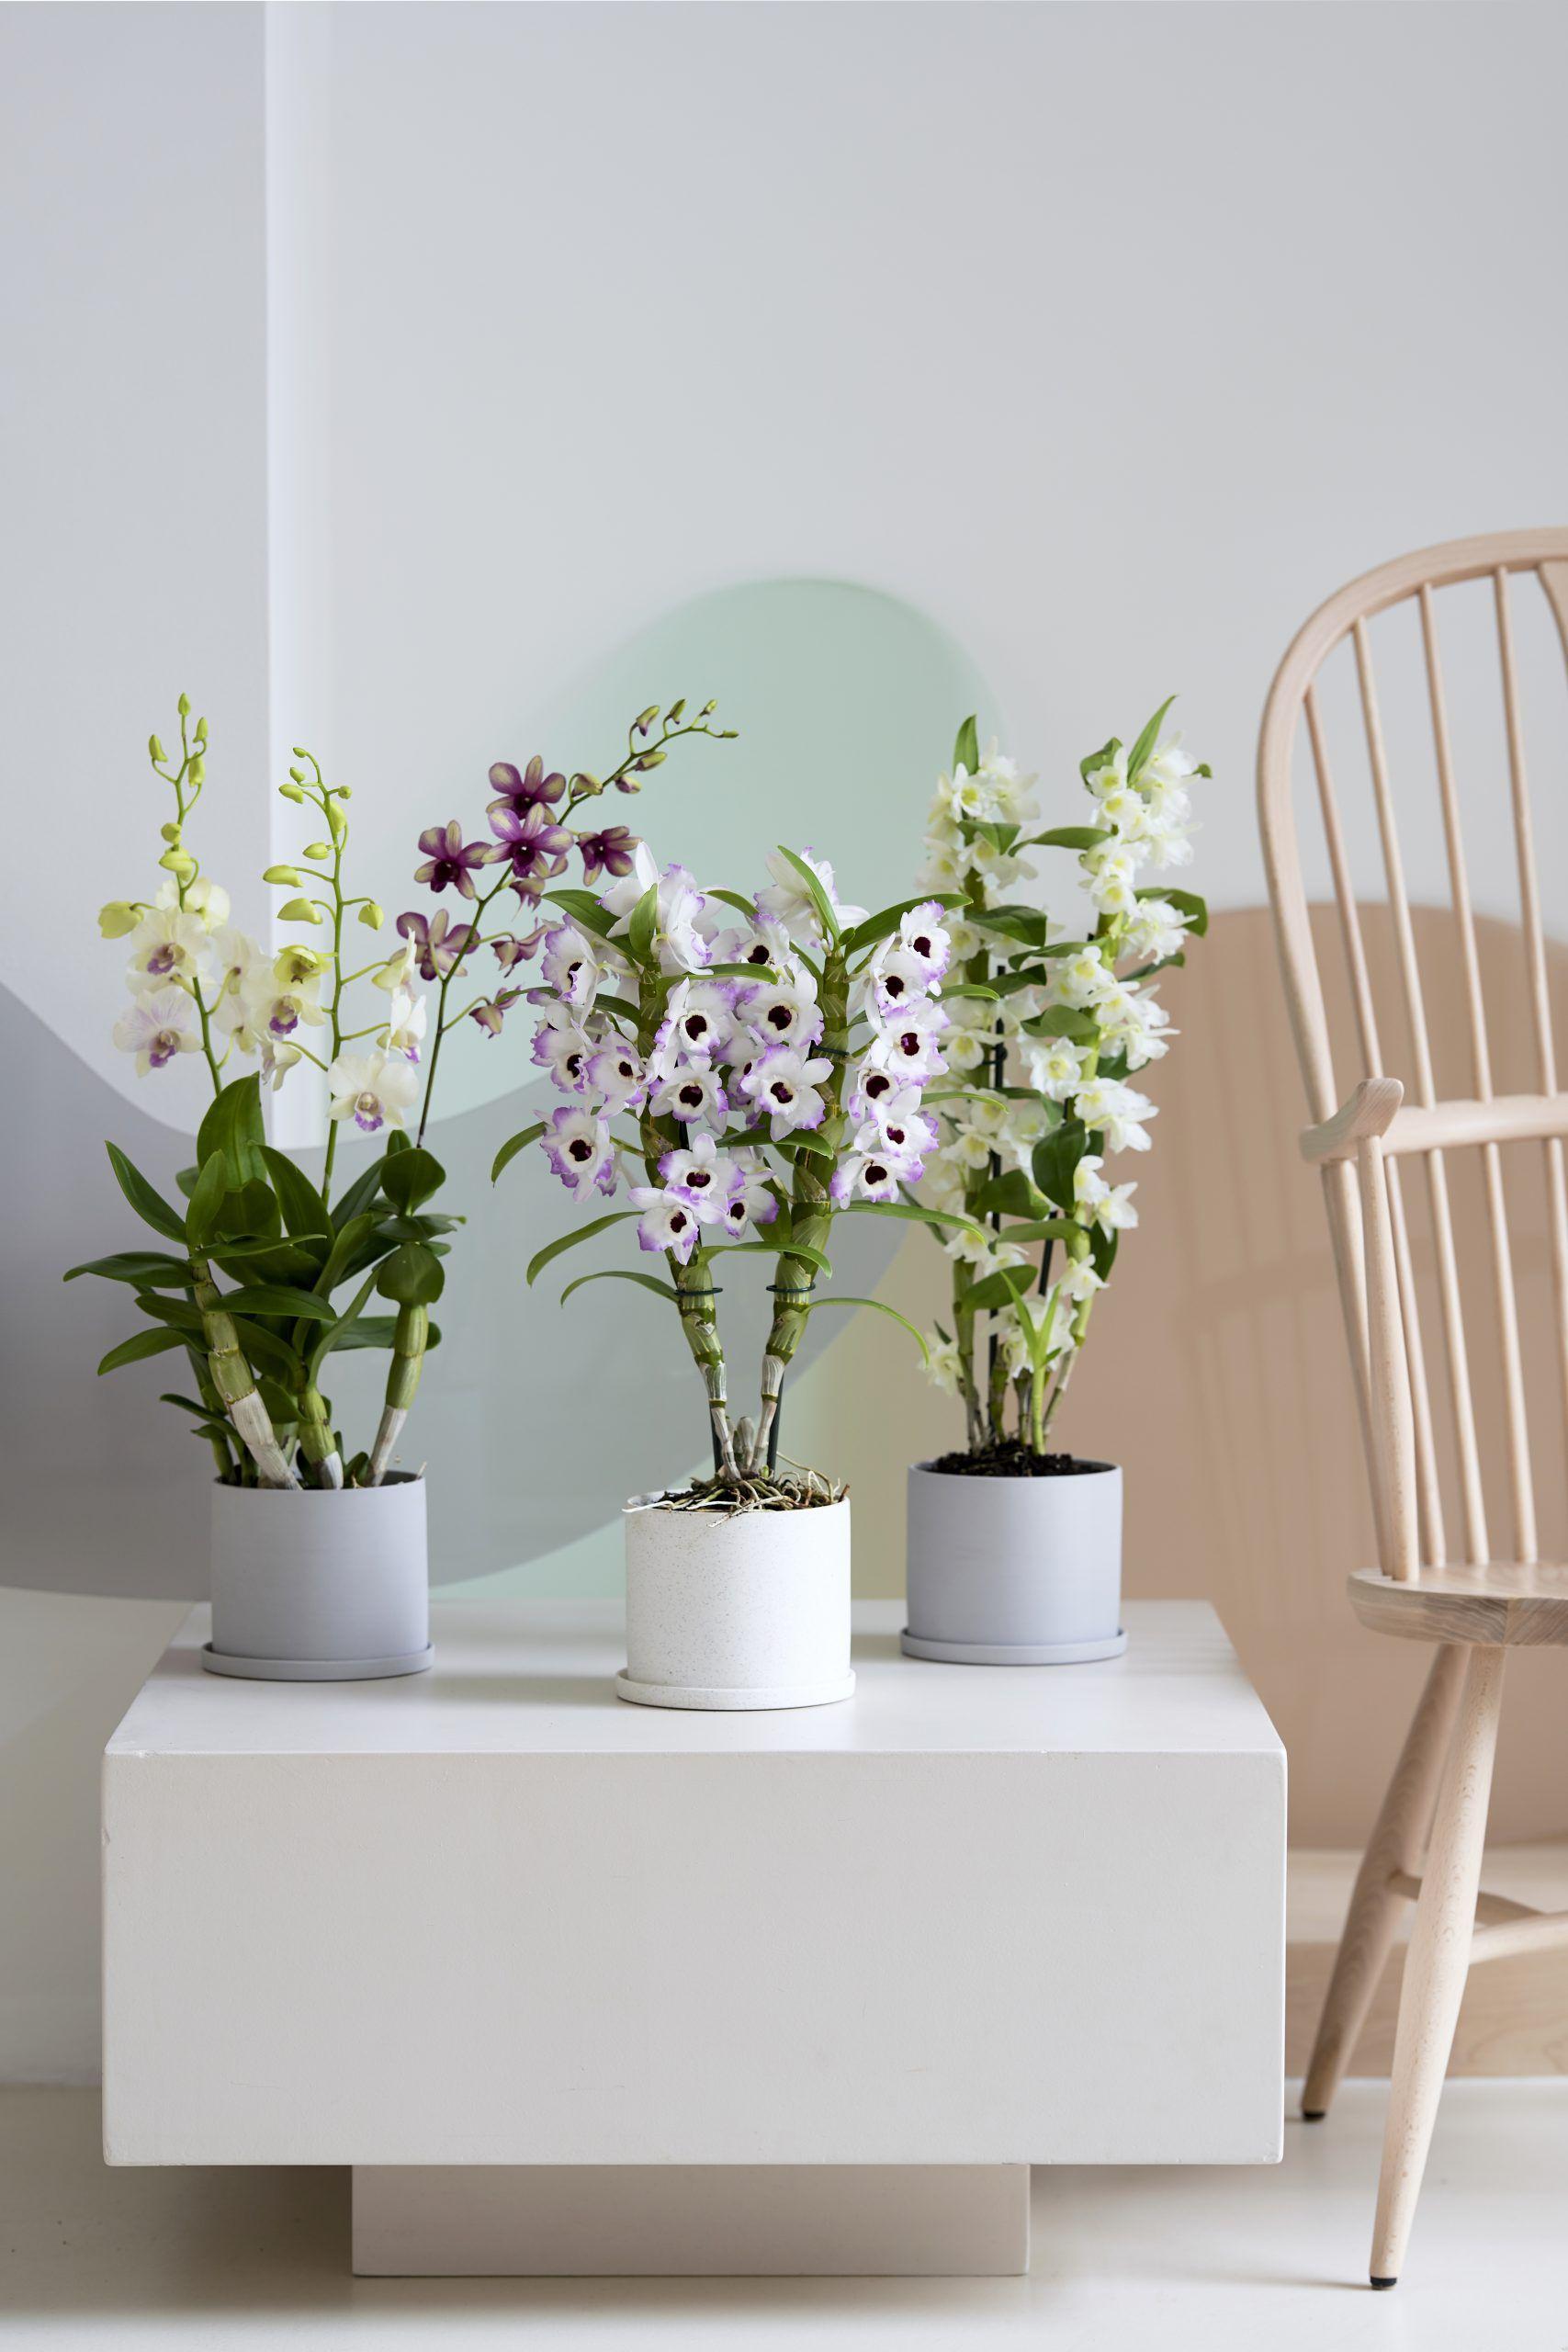 Stress-Befreier & Health-Booster: Zimmerpflanzen als grüne Superhelden